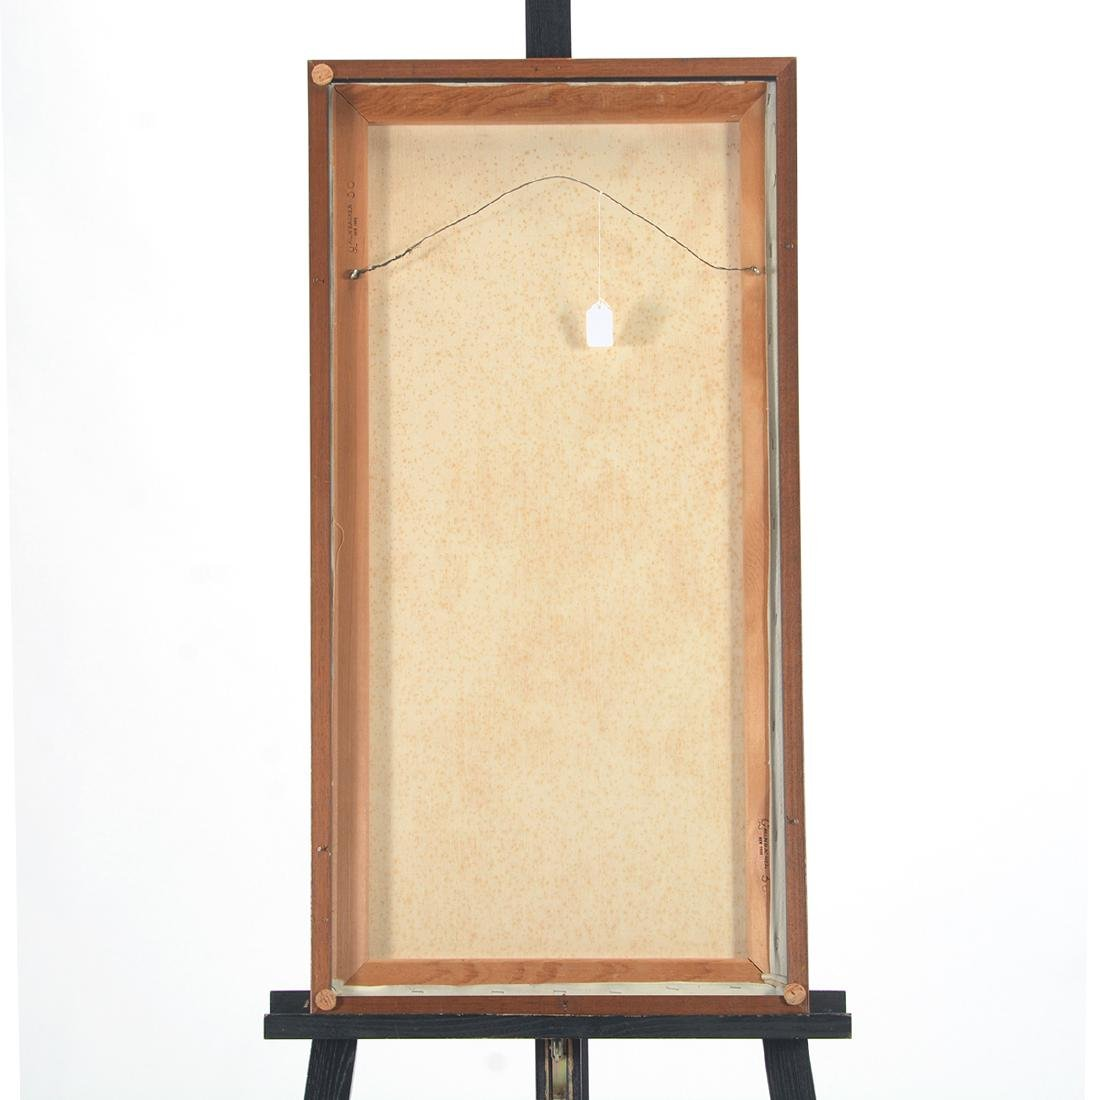 """Hayward Veal """"D'Pharr: the Artist"""" oil on canvas - 7"""